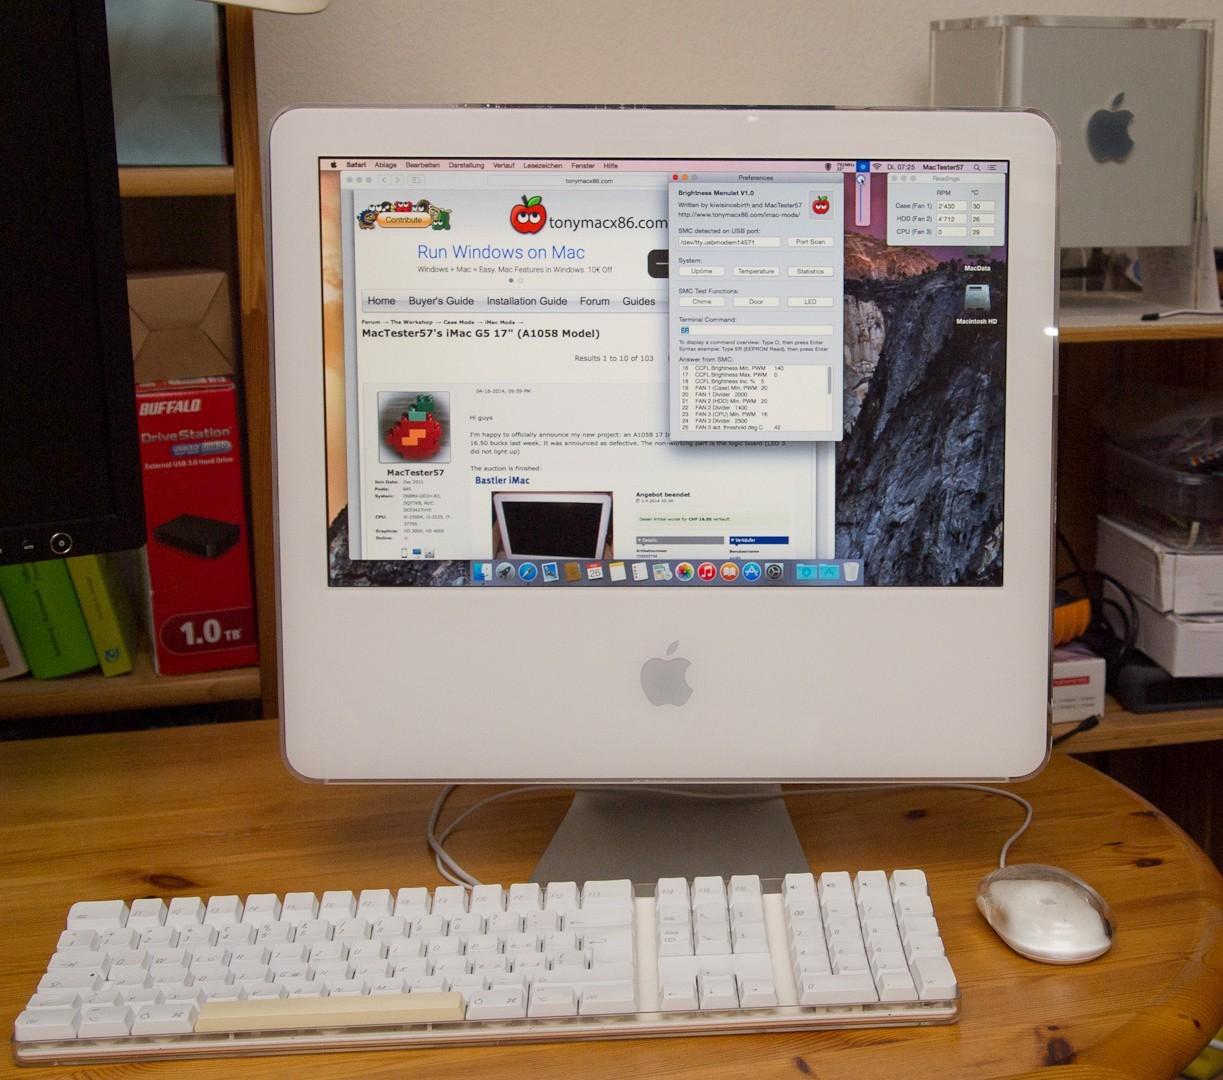 Một cao thủ Hackintosh đã hồi sinh chiếc iMac G5 với bo mạch Intel NUC